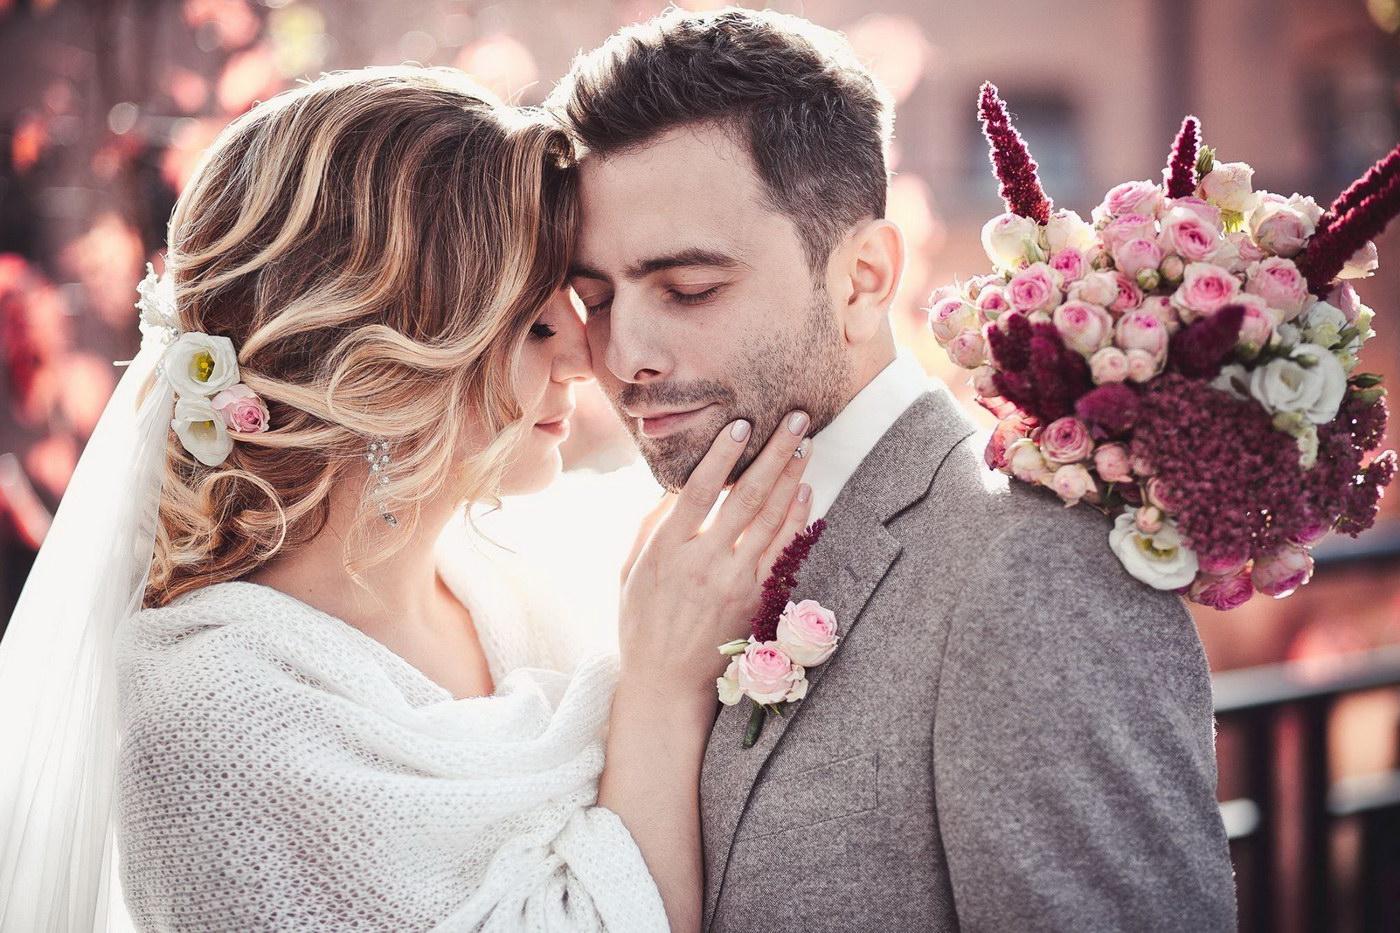 Lucruri care se schimba dupa casatorie